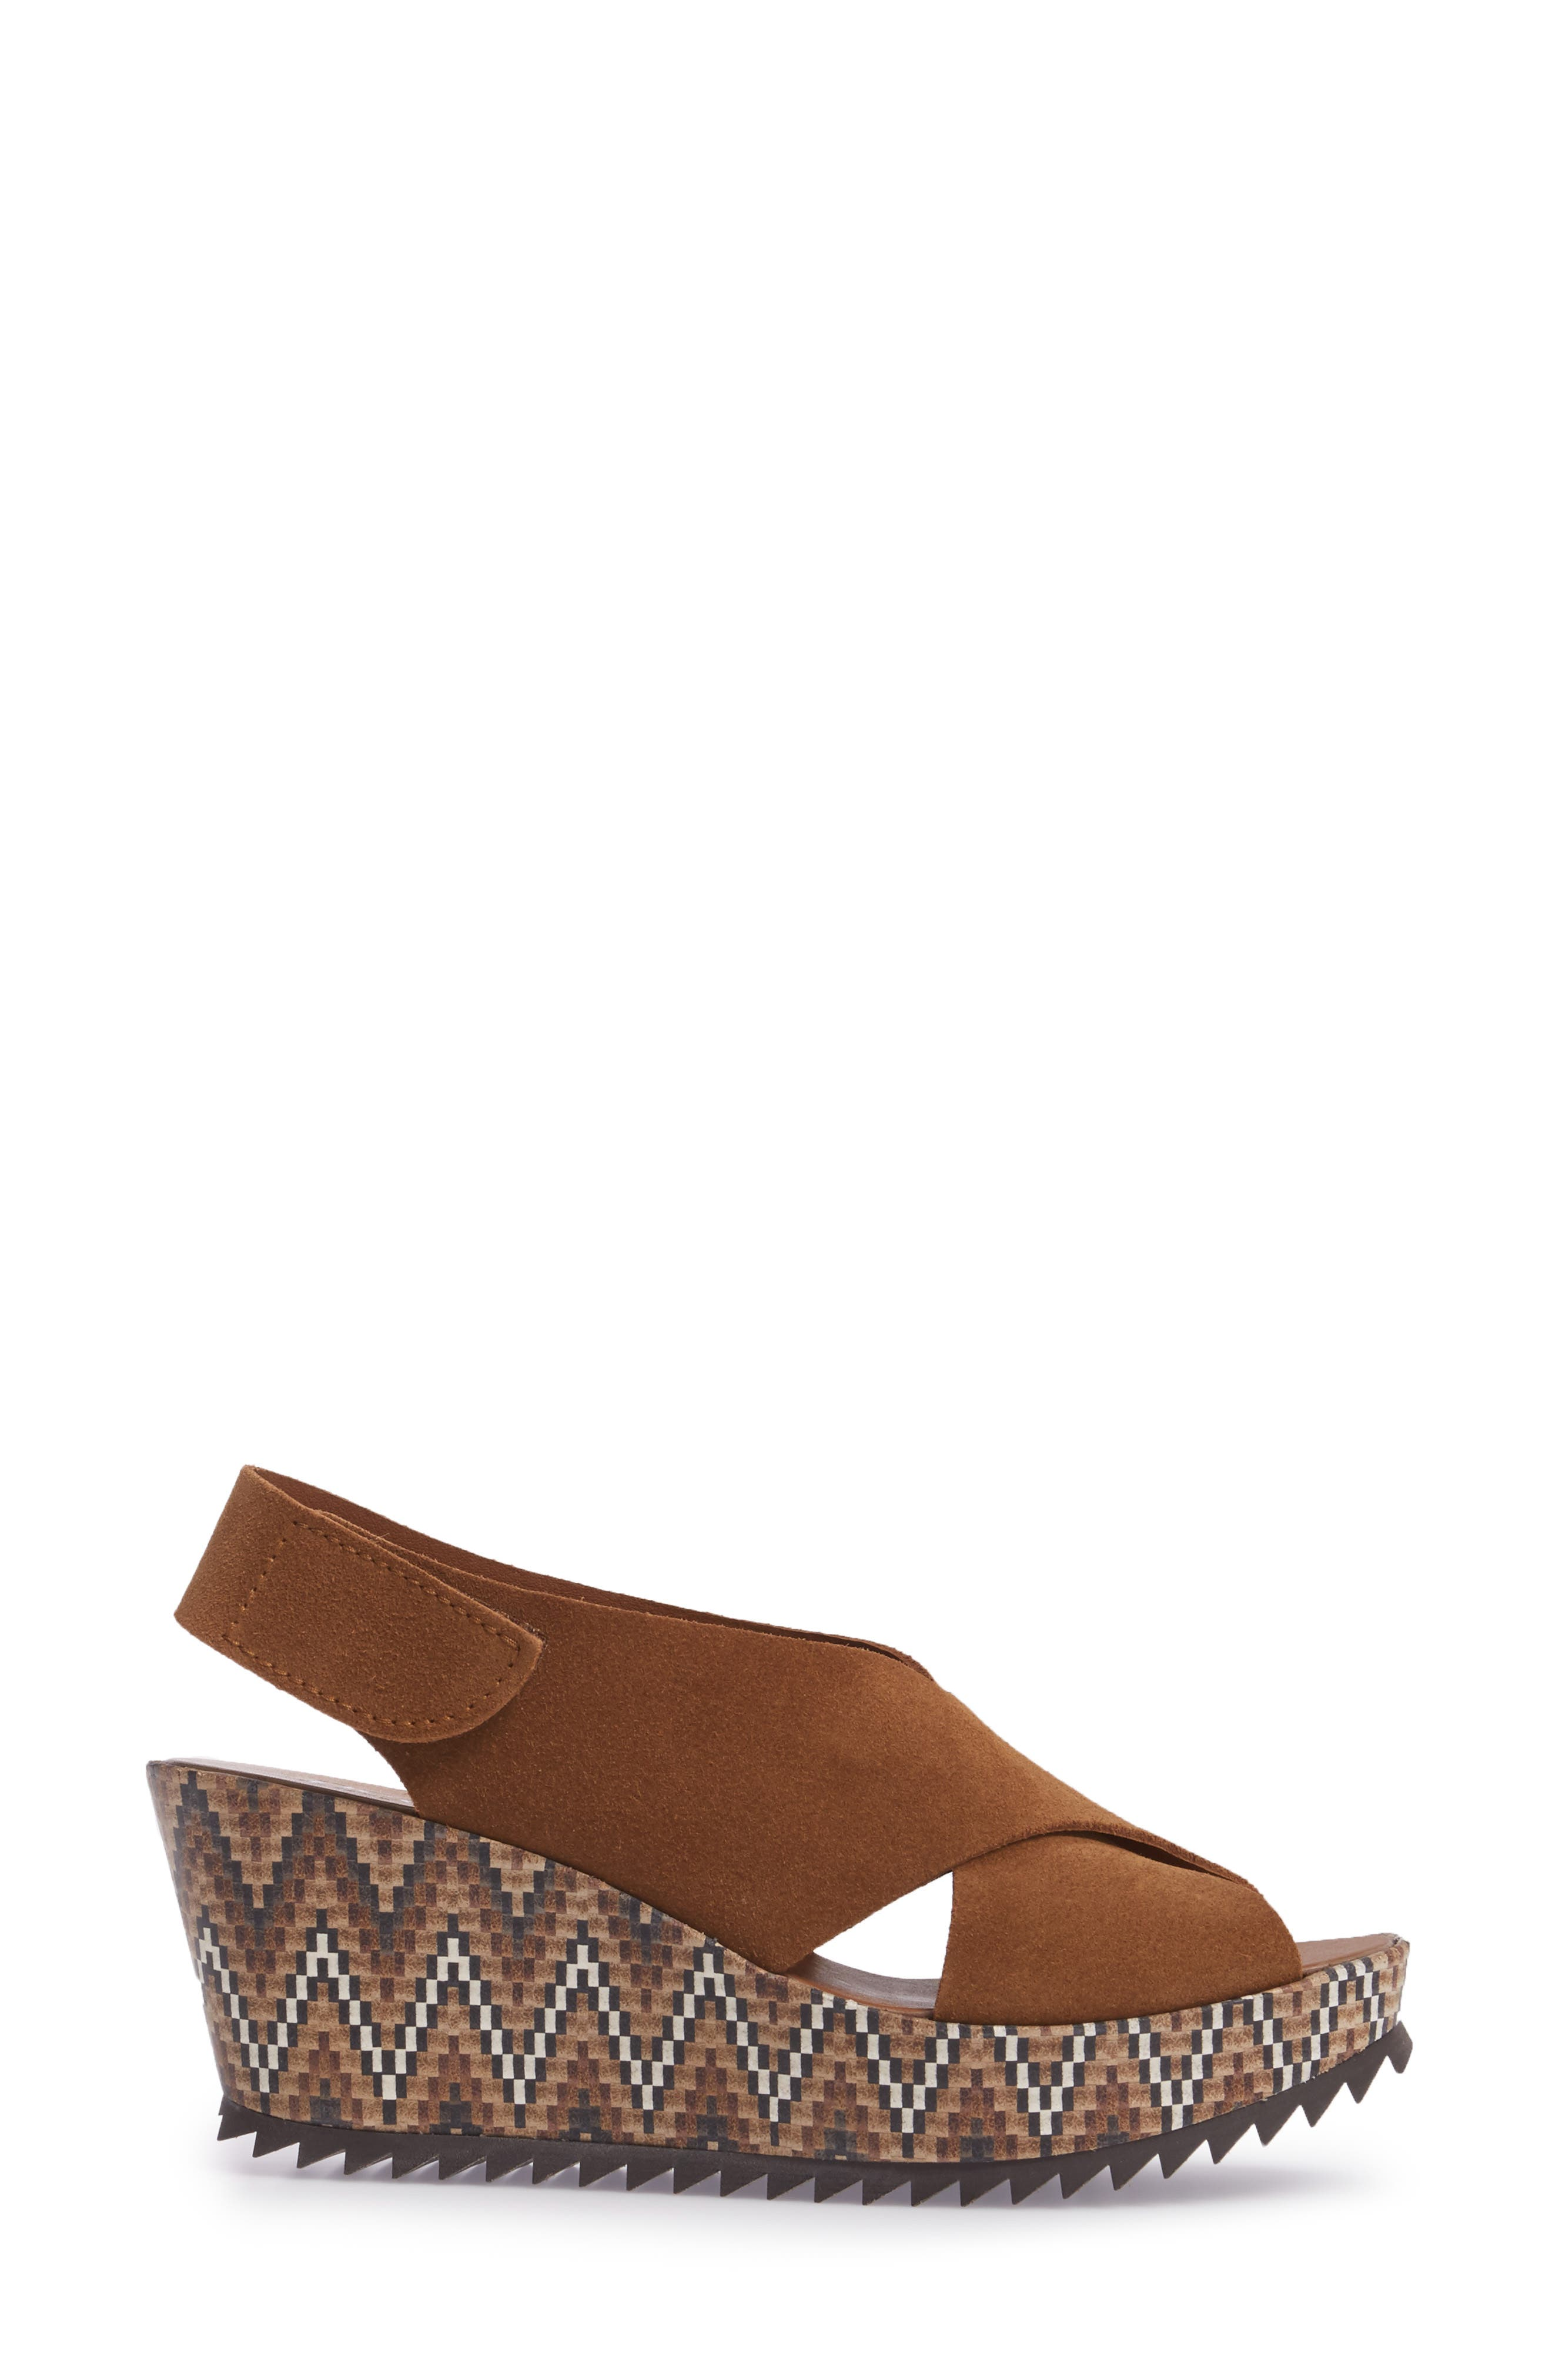 'Federica' Wedge Sandal,                             Alternate thumbnail 10, color,